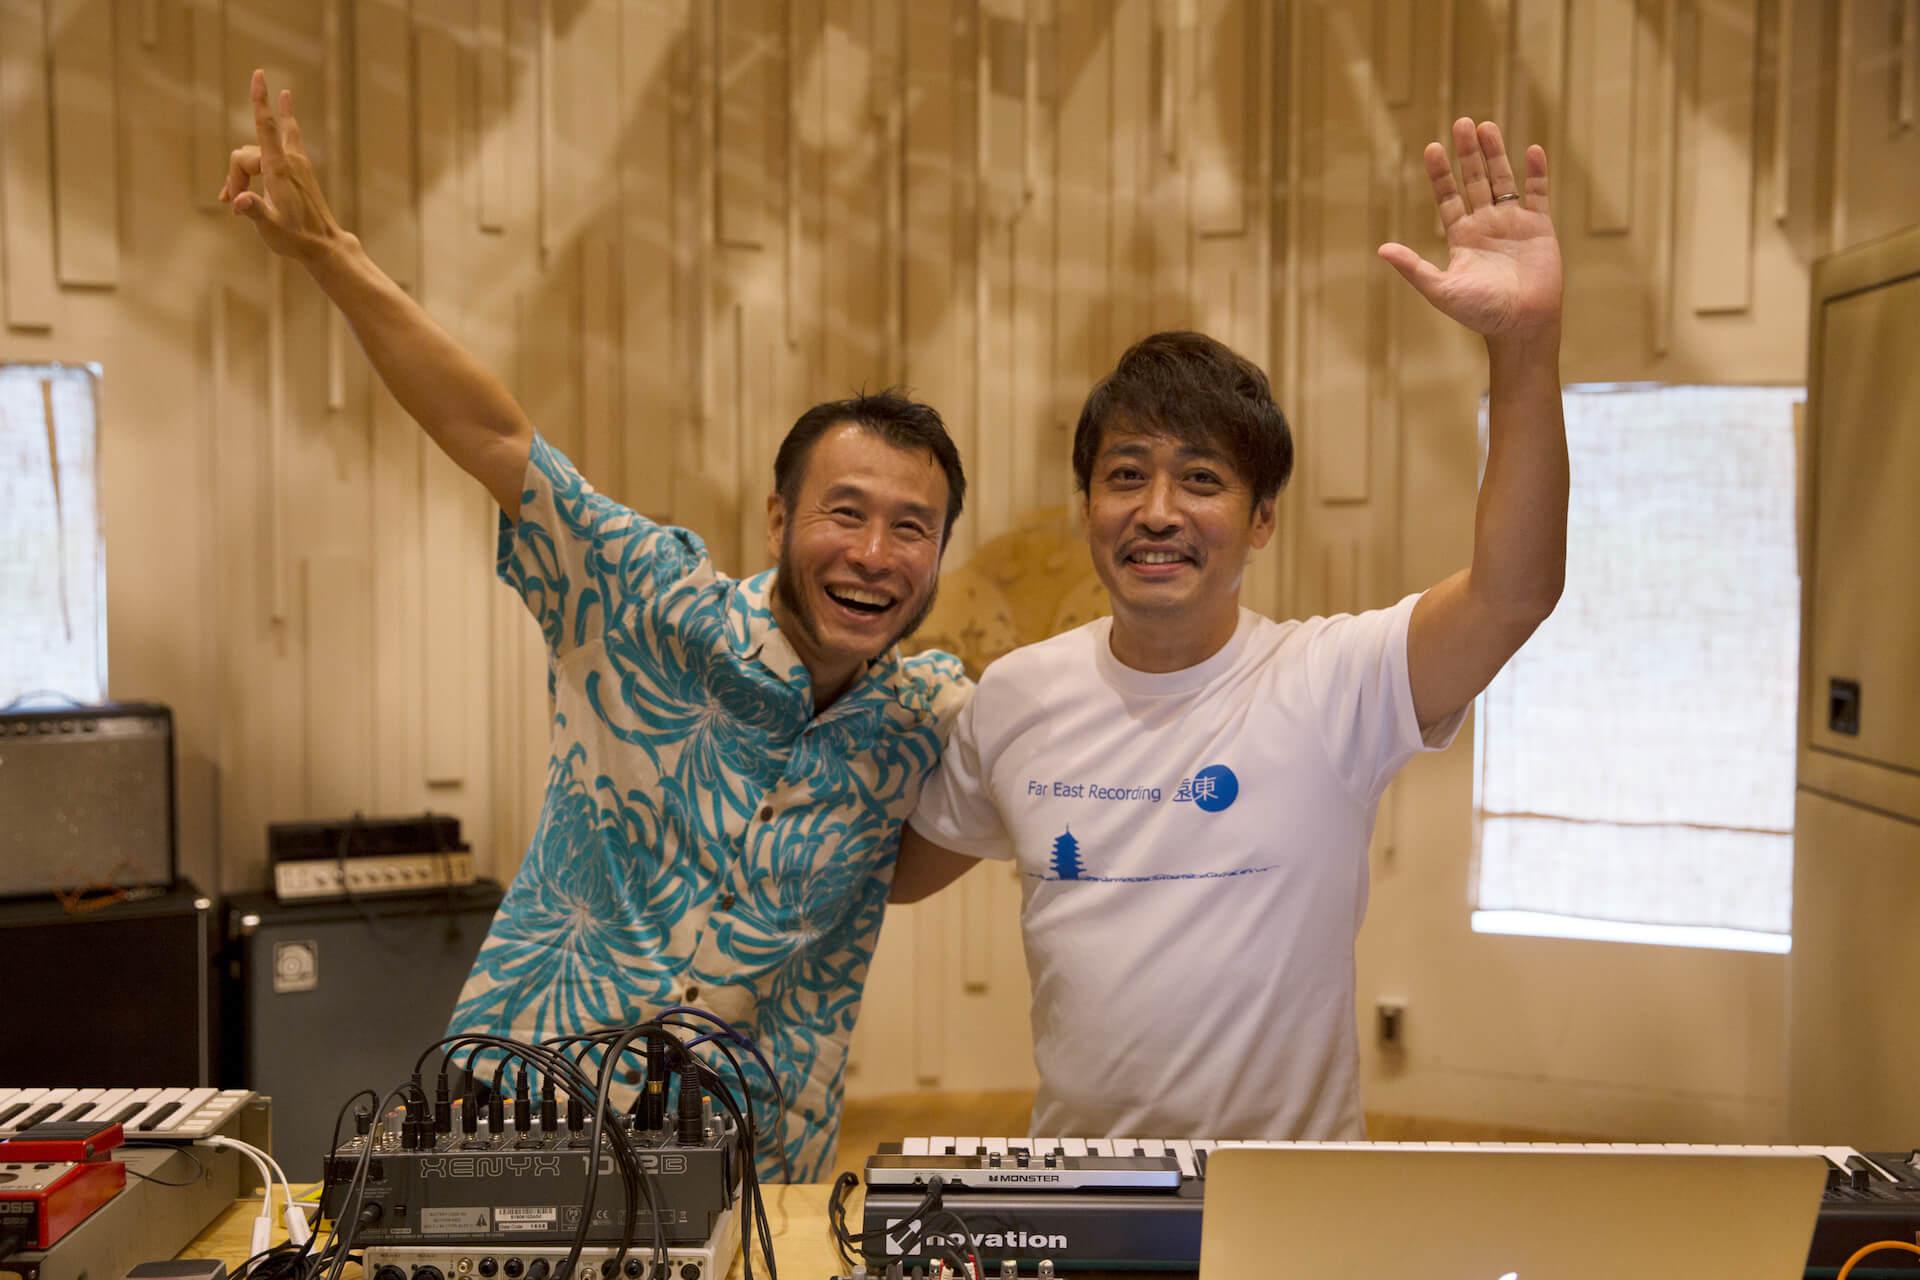 フォトレポ|ハウスシーンで歴史的事件となるSoichi Terada × Shinichiro Yokotaの再会 interview180912-kewl-soichi-terada-shinichiro-yokota-15-1